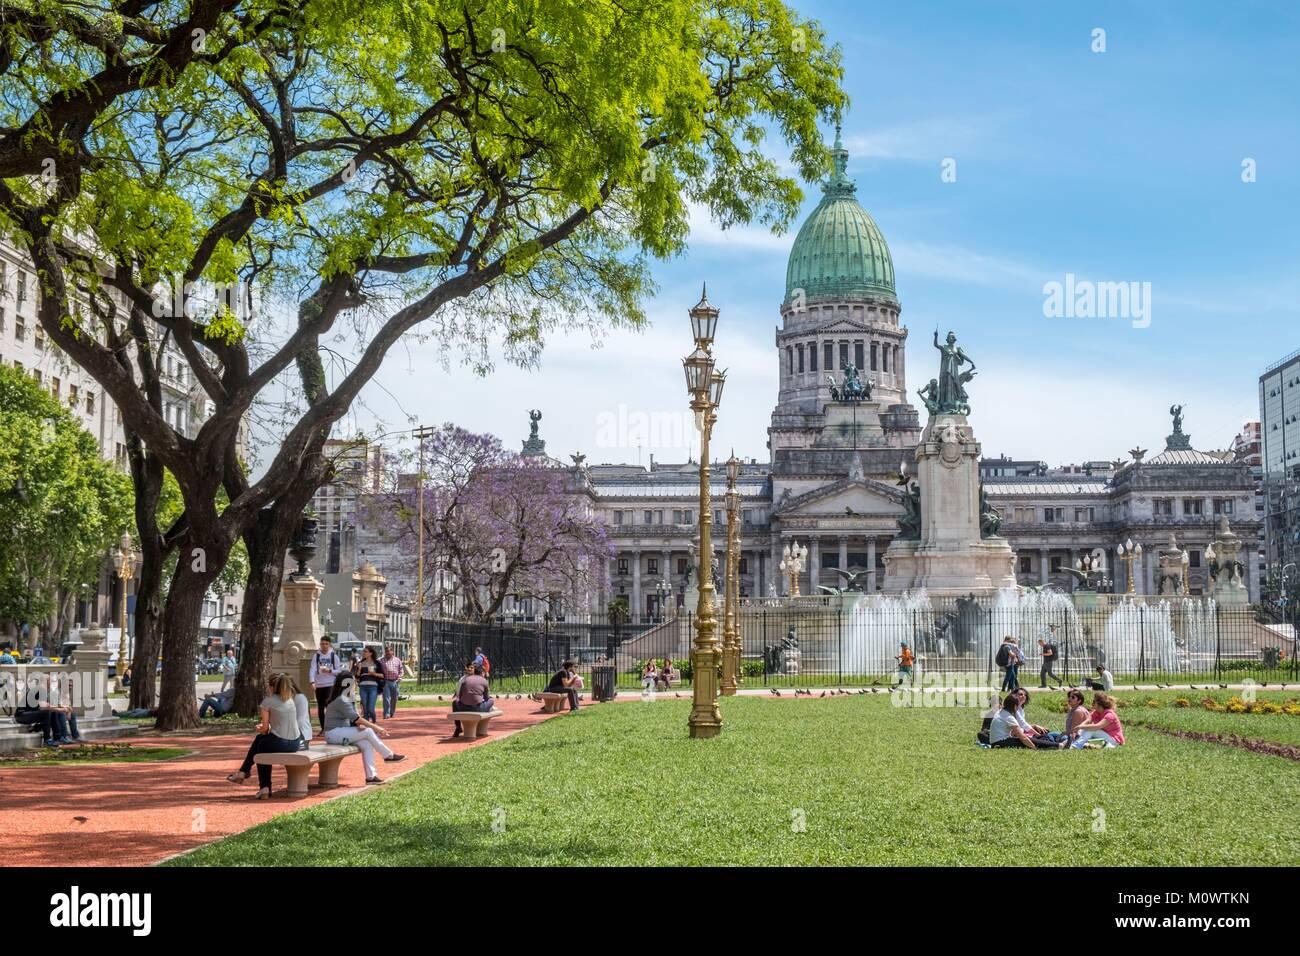 Argentina,Provincia de Buenos Aires,Buenos Aires,Plaza Congreso,Palacio del Congreso Imagen De Stock